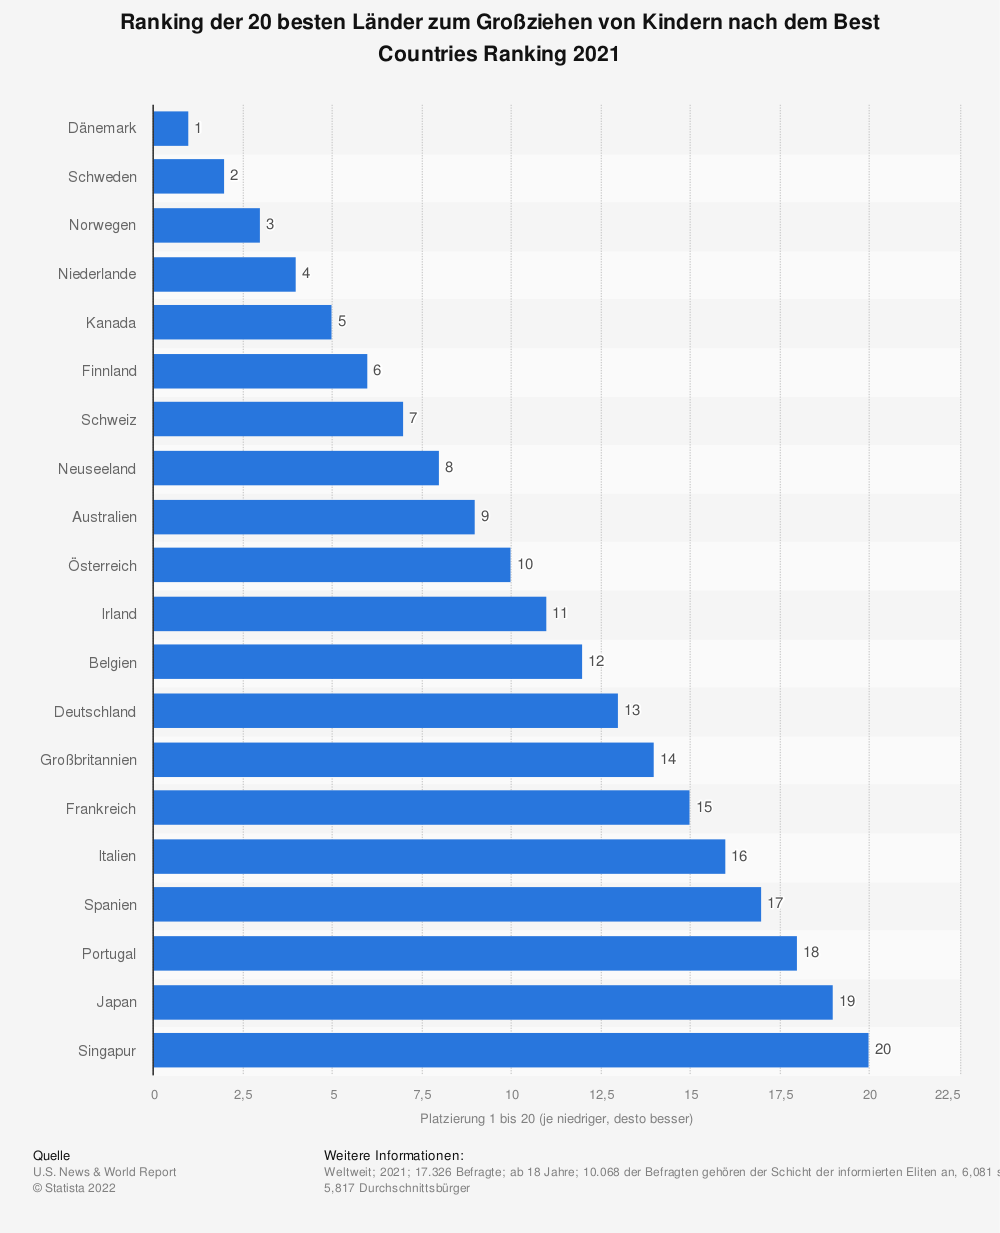 Statistik: Ranking der 20 besten Länder zum Großziehen von Kindern nach dem Best Countries Ranking 2019 | Statista